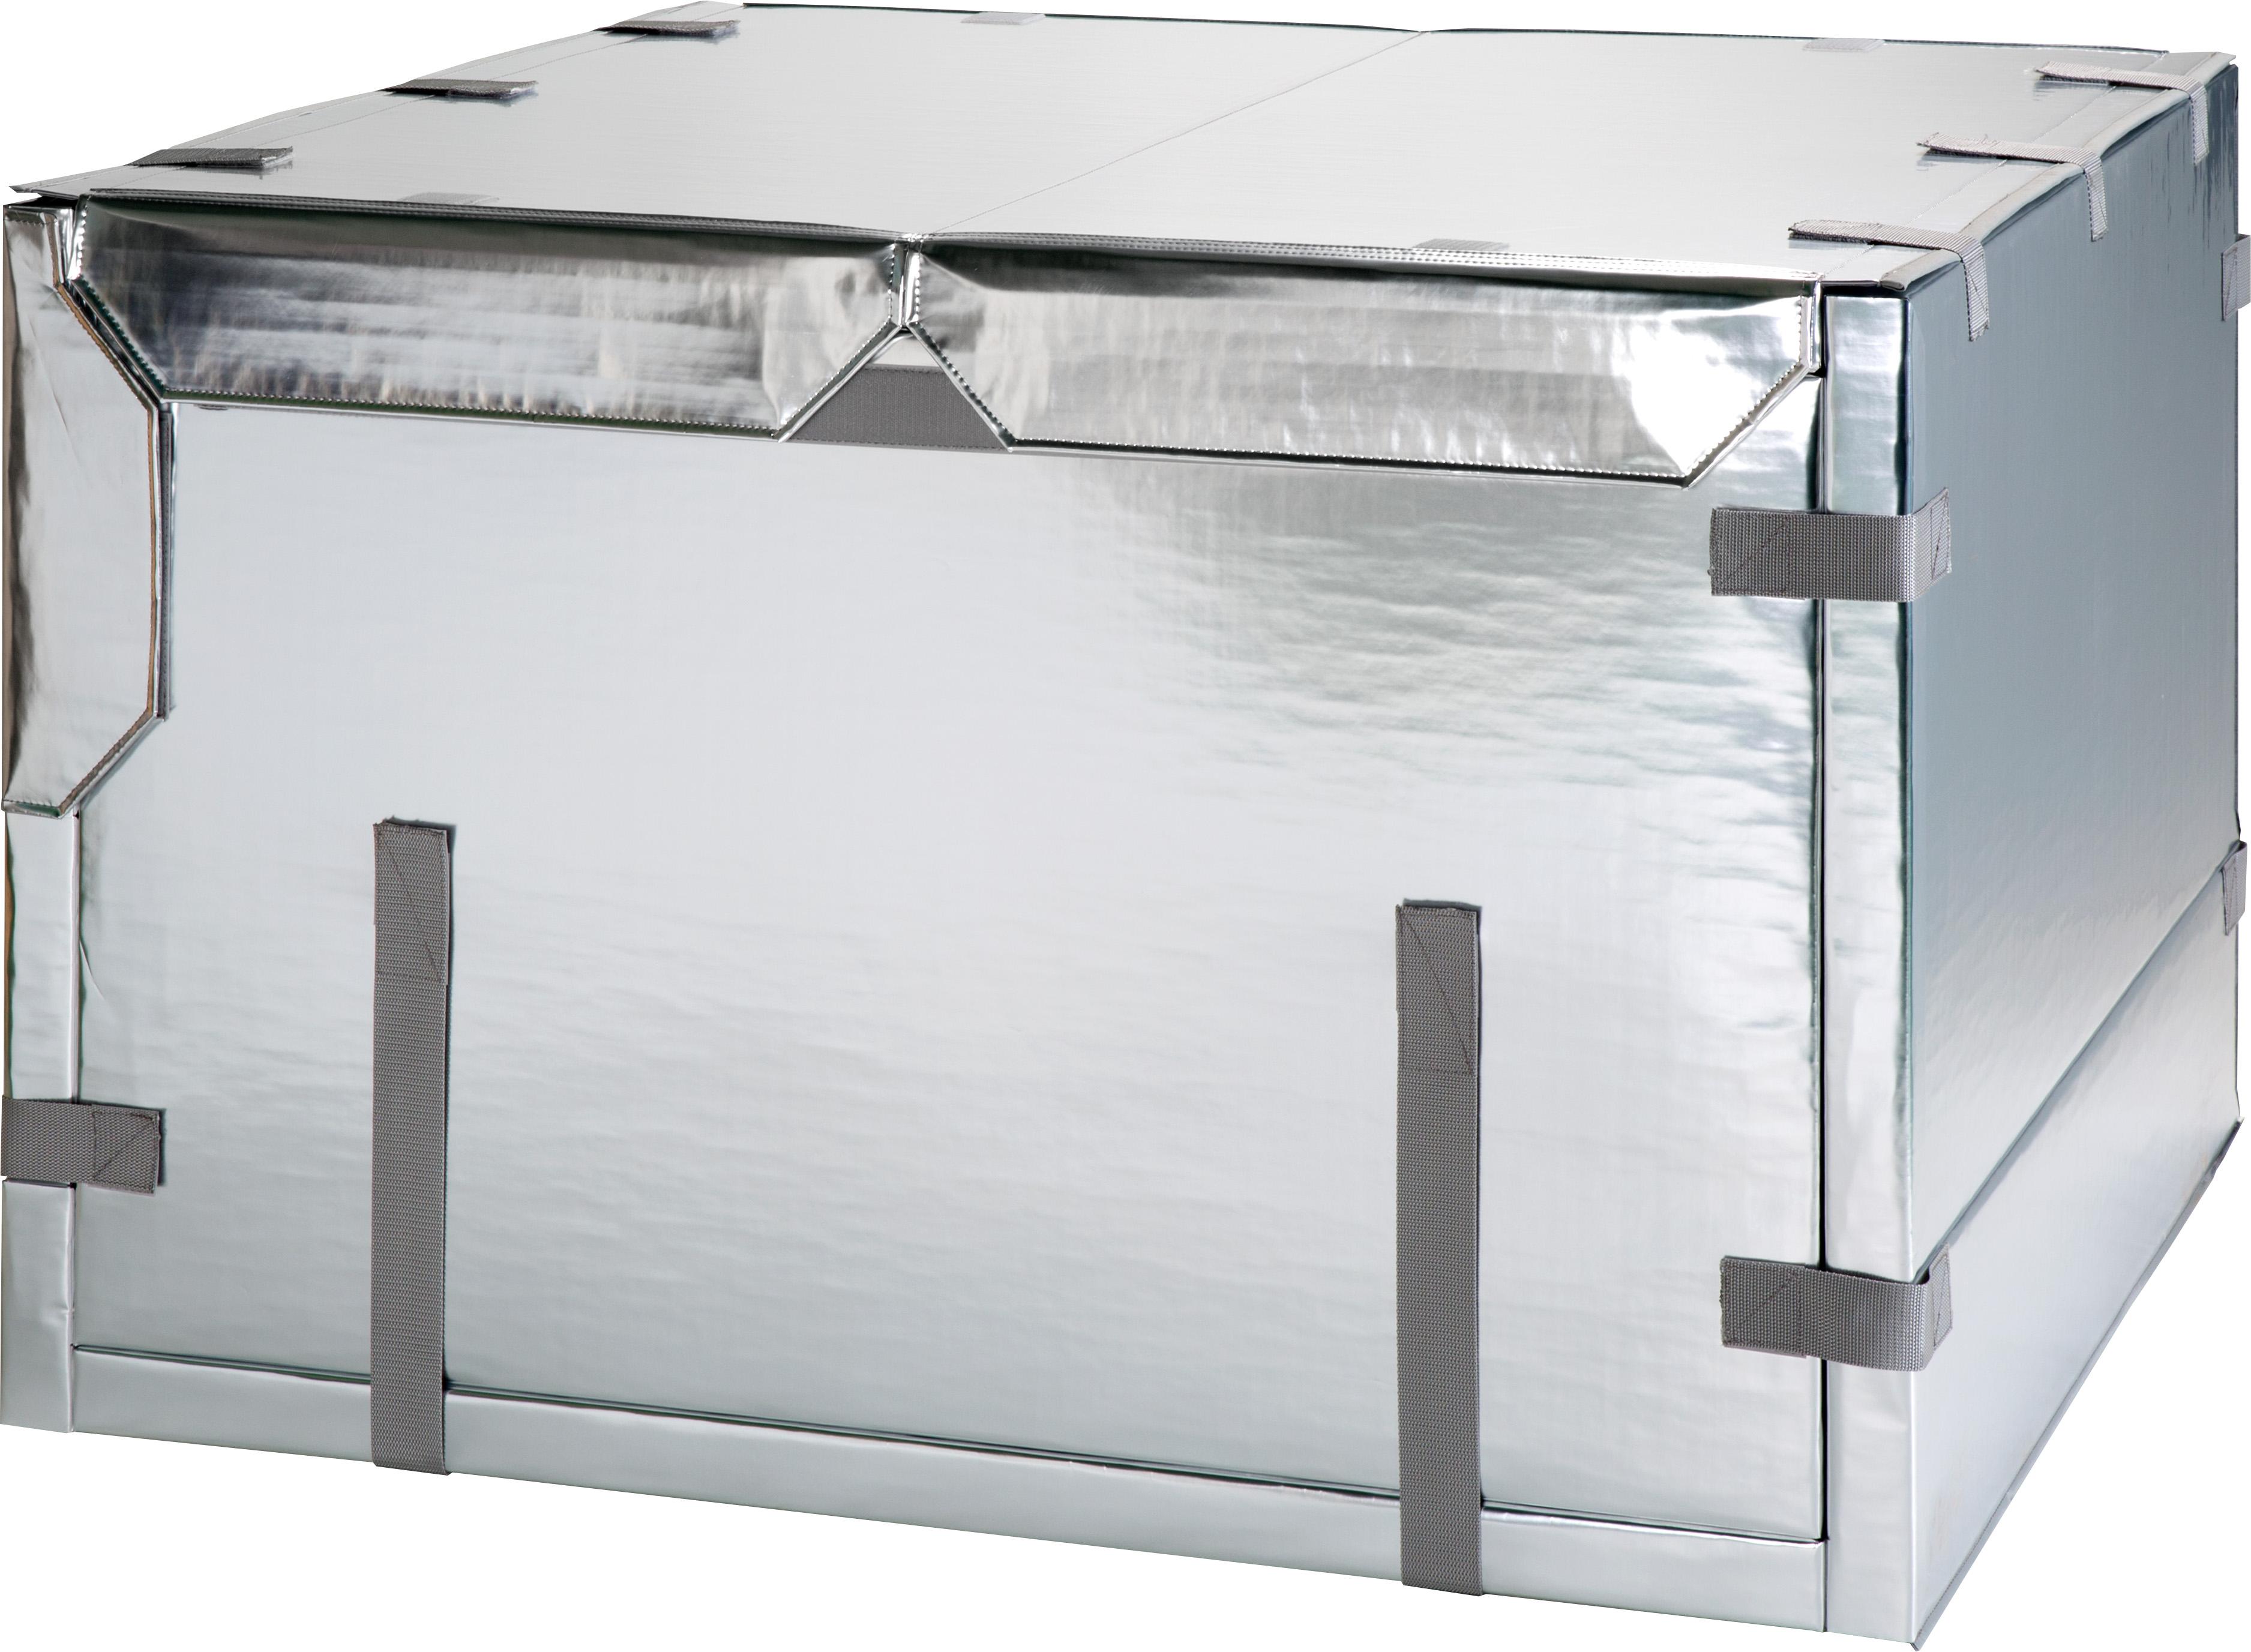 冷凍食品輸送ボックス